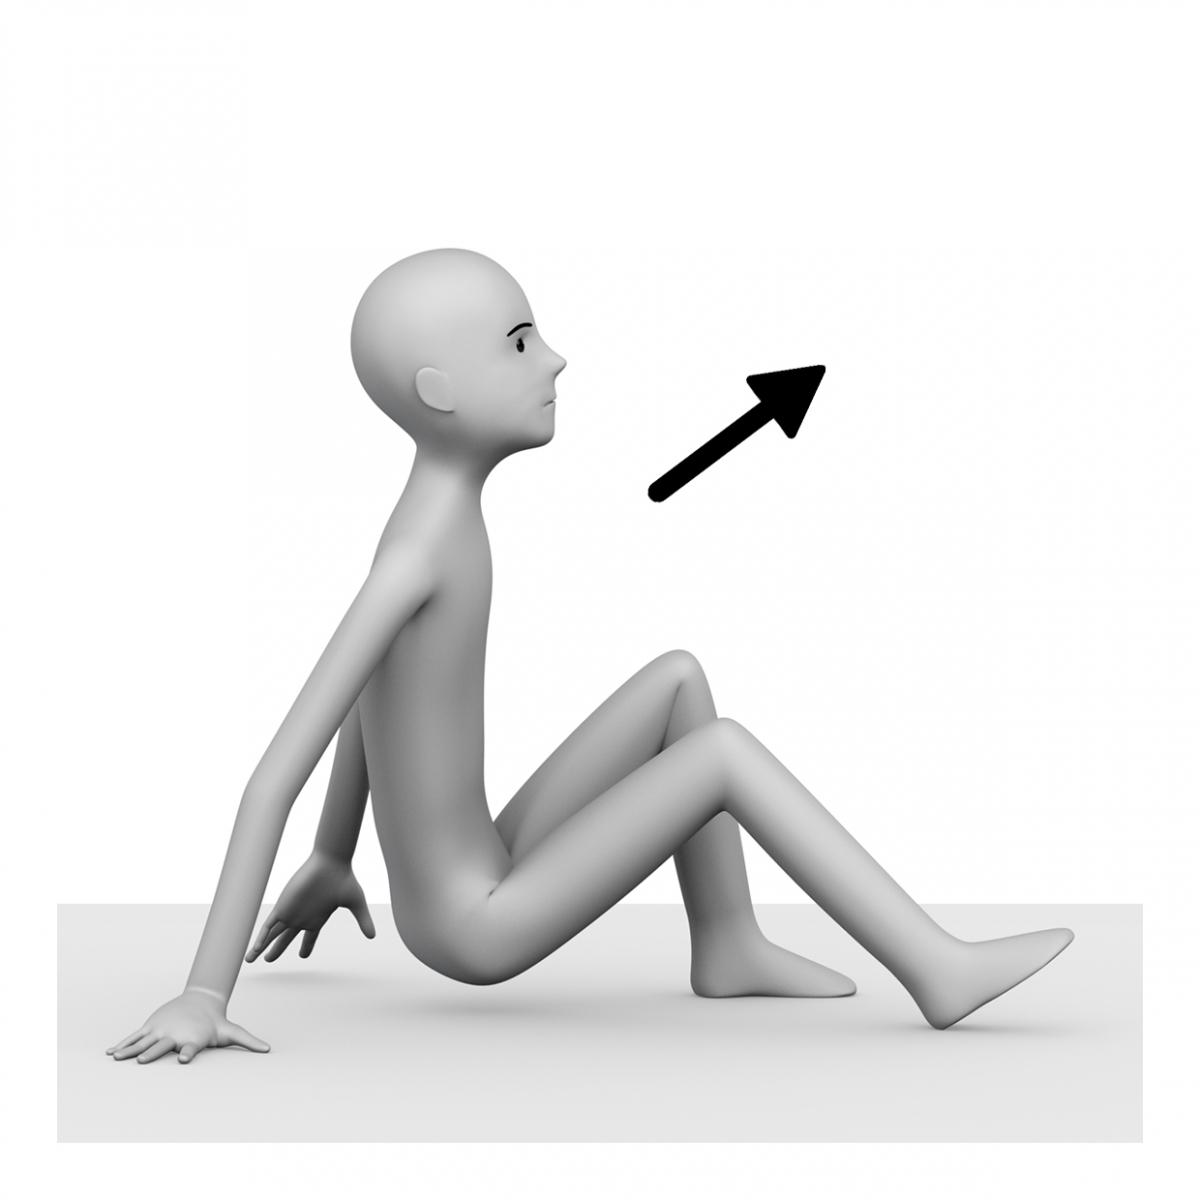 Imagen del verbo levantarse del suelo